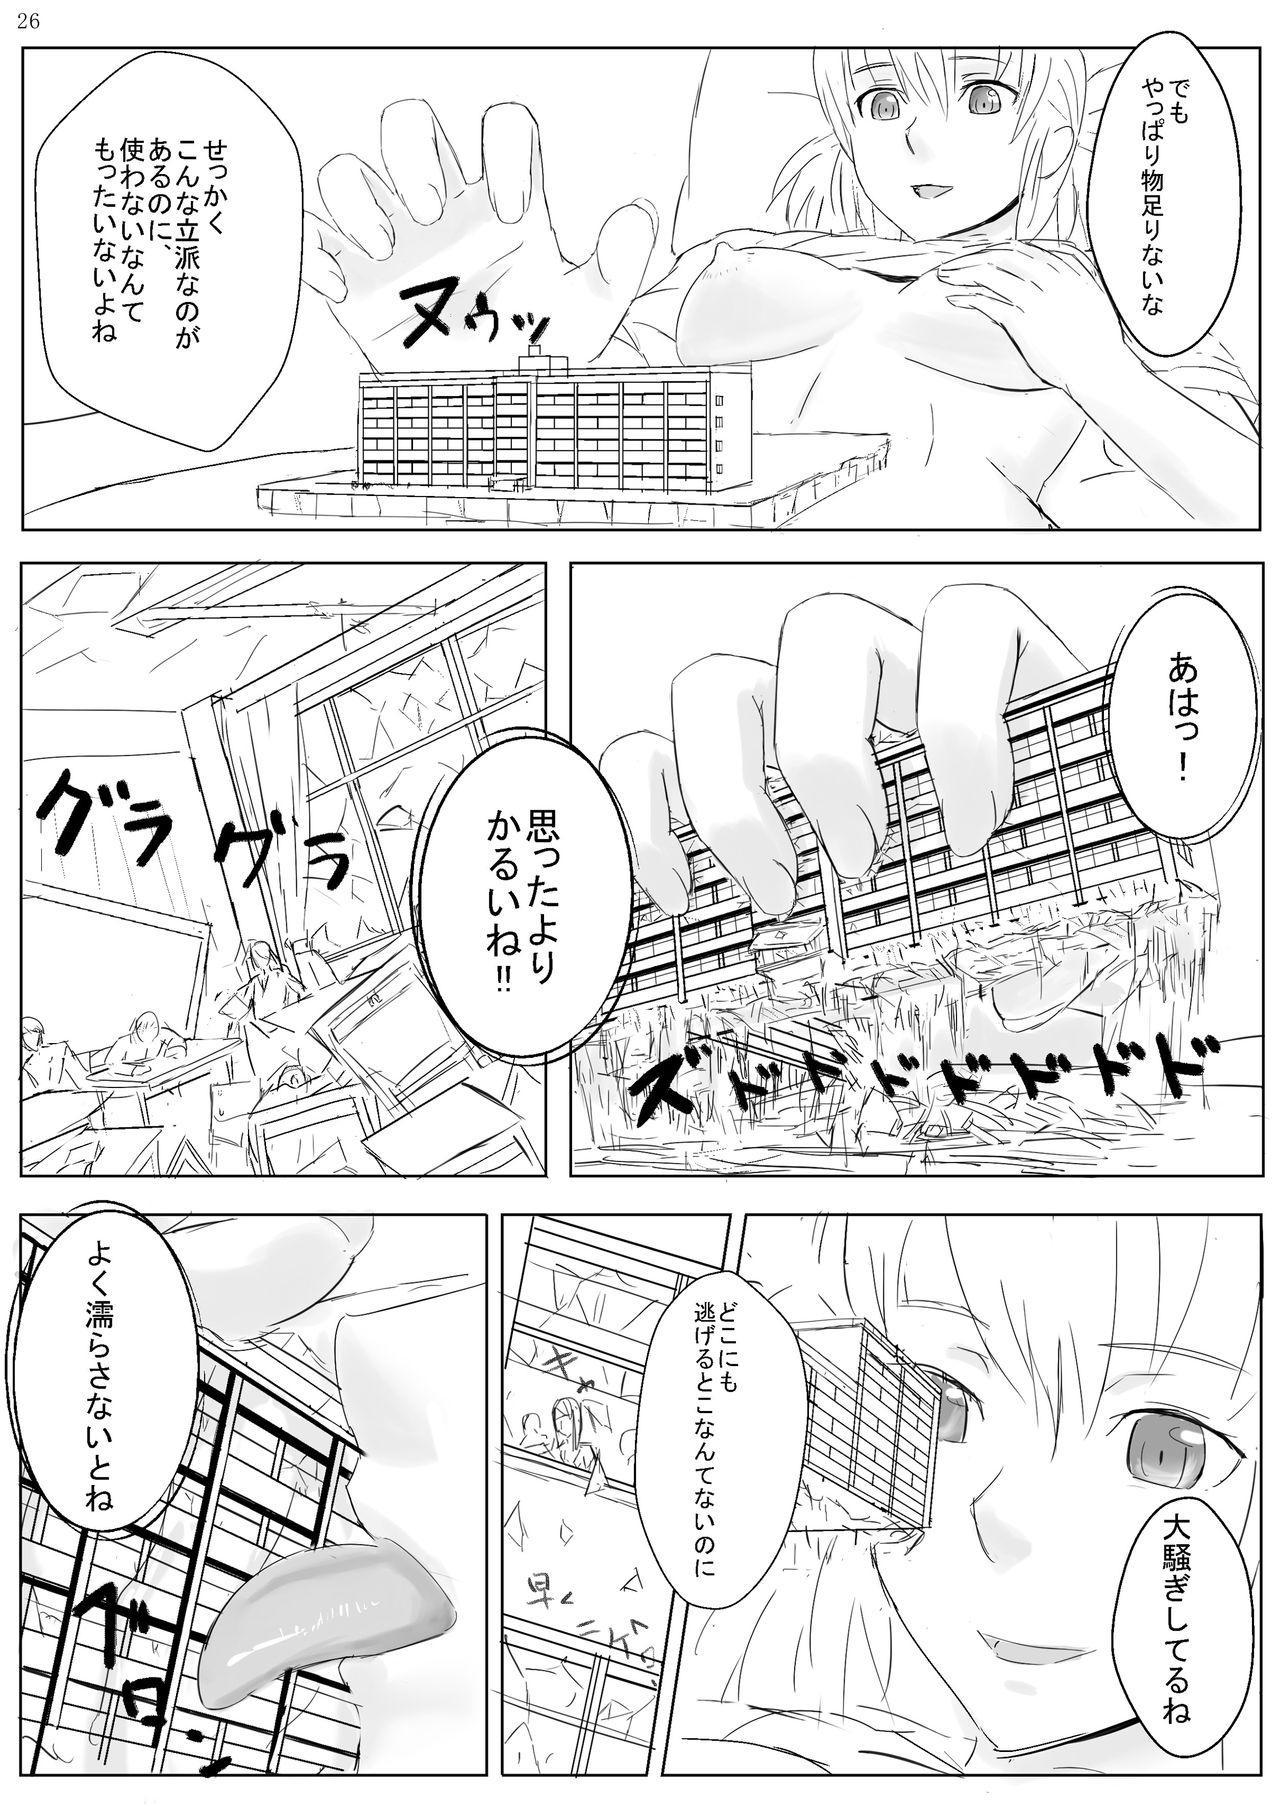 Kyojo Janee Kyodai Musume da! 25